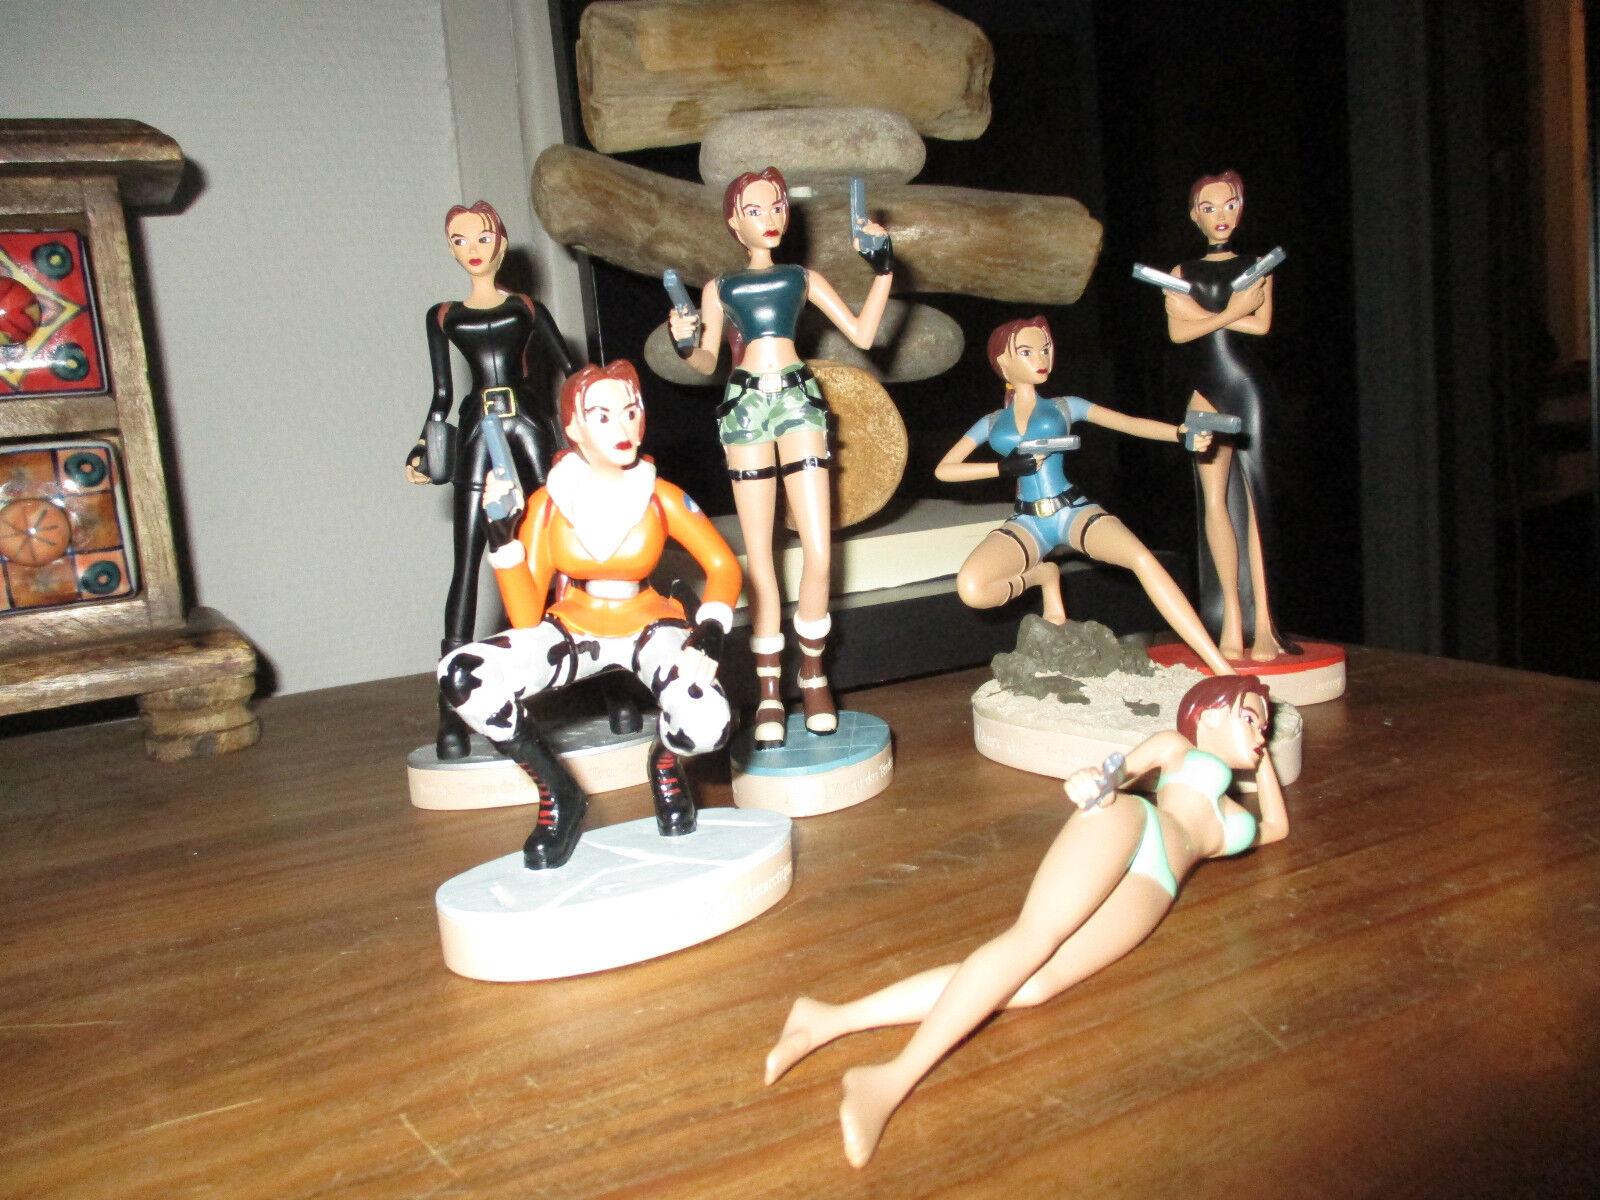 Vente Lara croft-Lot statuettes Lara-Résine-comme neuves